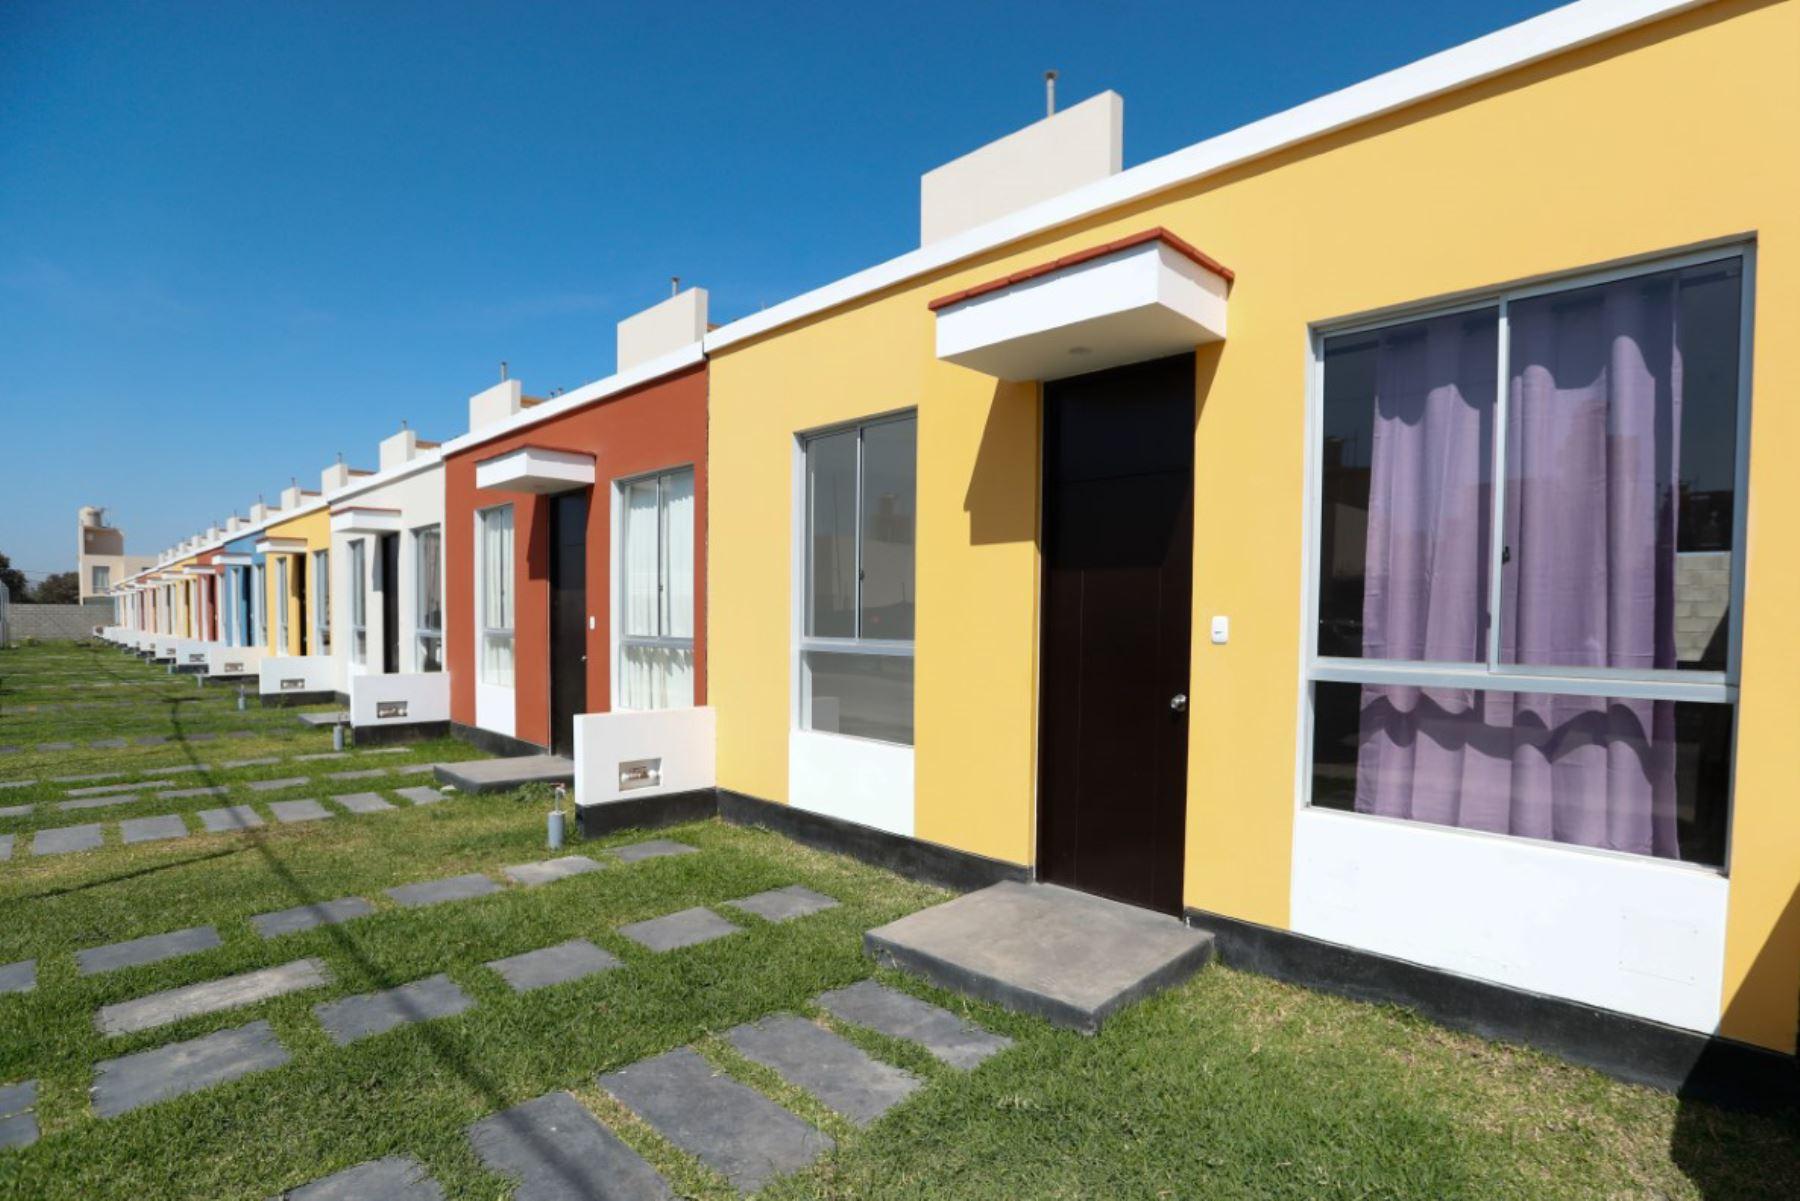 Gobierno destinó S/ 66 millones a bonos habitacionales para desplazados por terrorismo